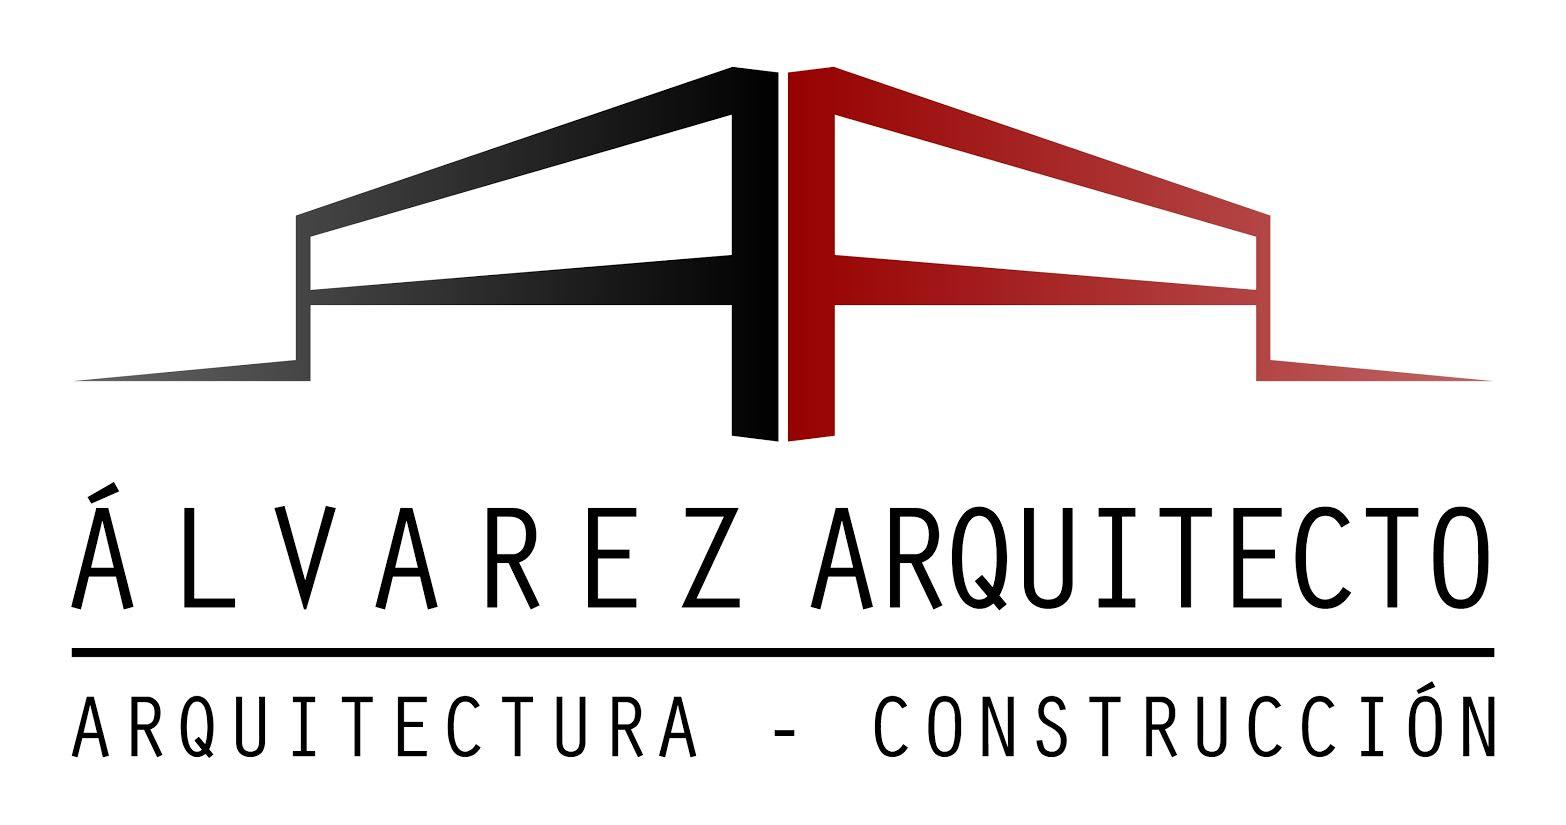 Alvarez Arquitecto